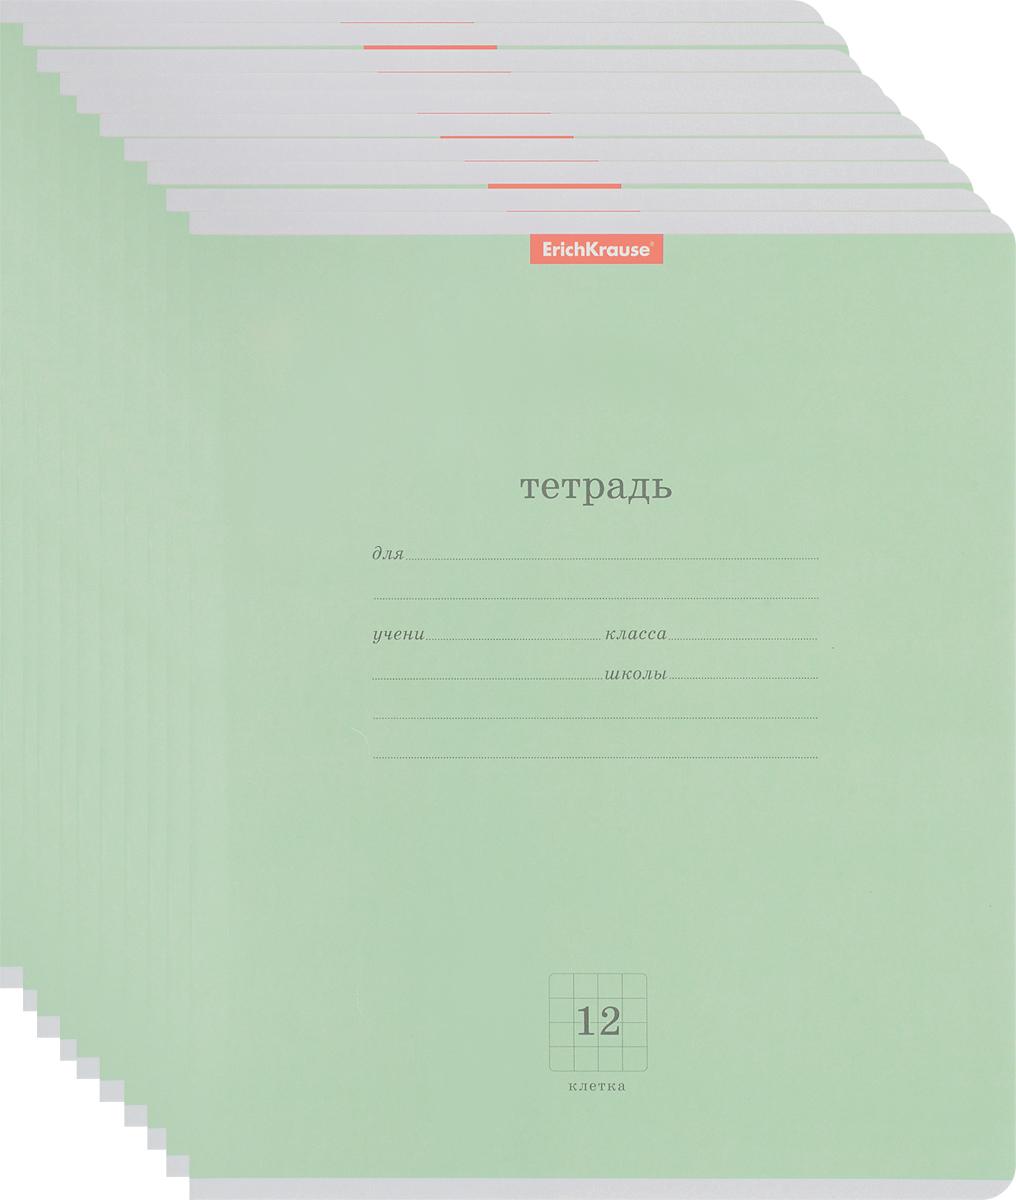 Тетрадь школьная ErichKrause Классика, зеленый, 12 листов в клетку, 10 шт erich krause набор тетрадей классика 18 листов в клетку 10 шт цвет голубой